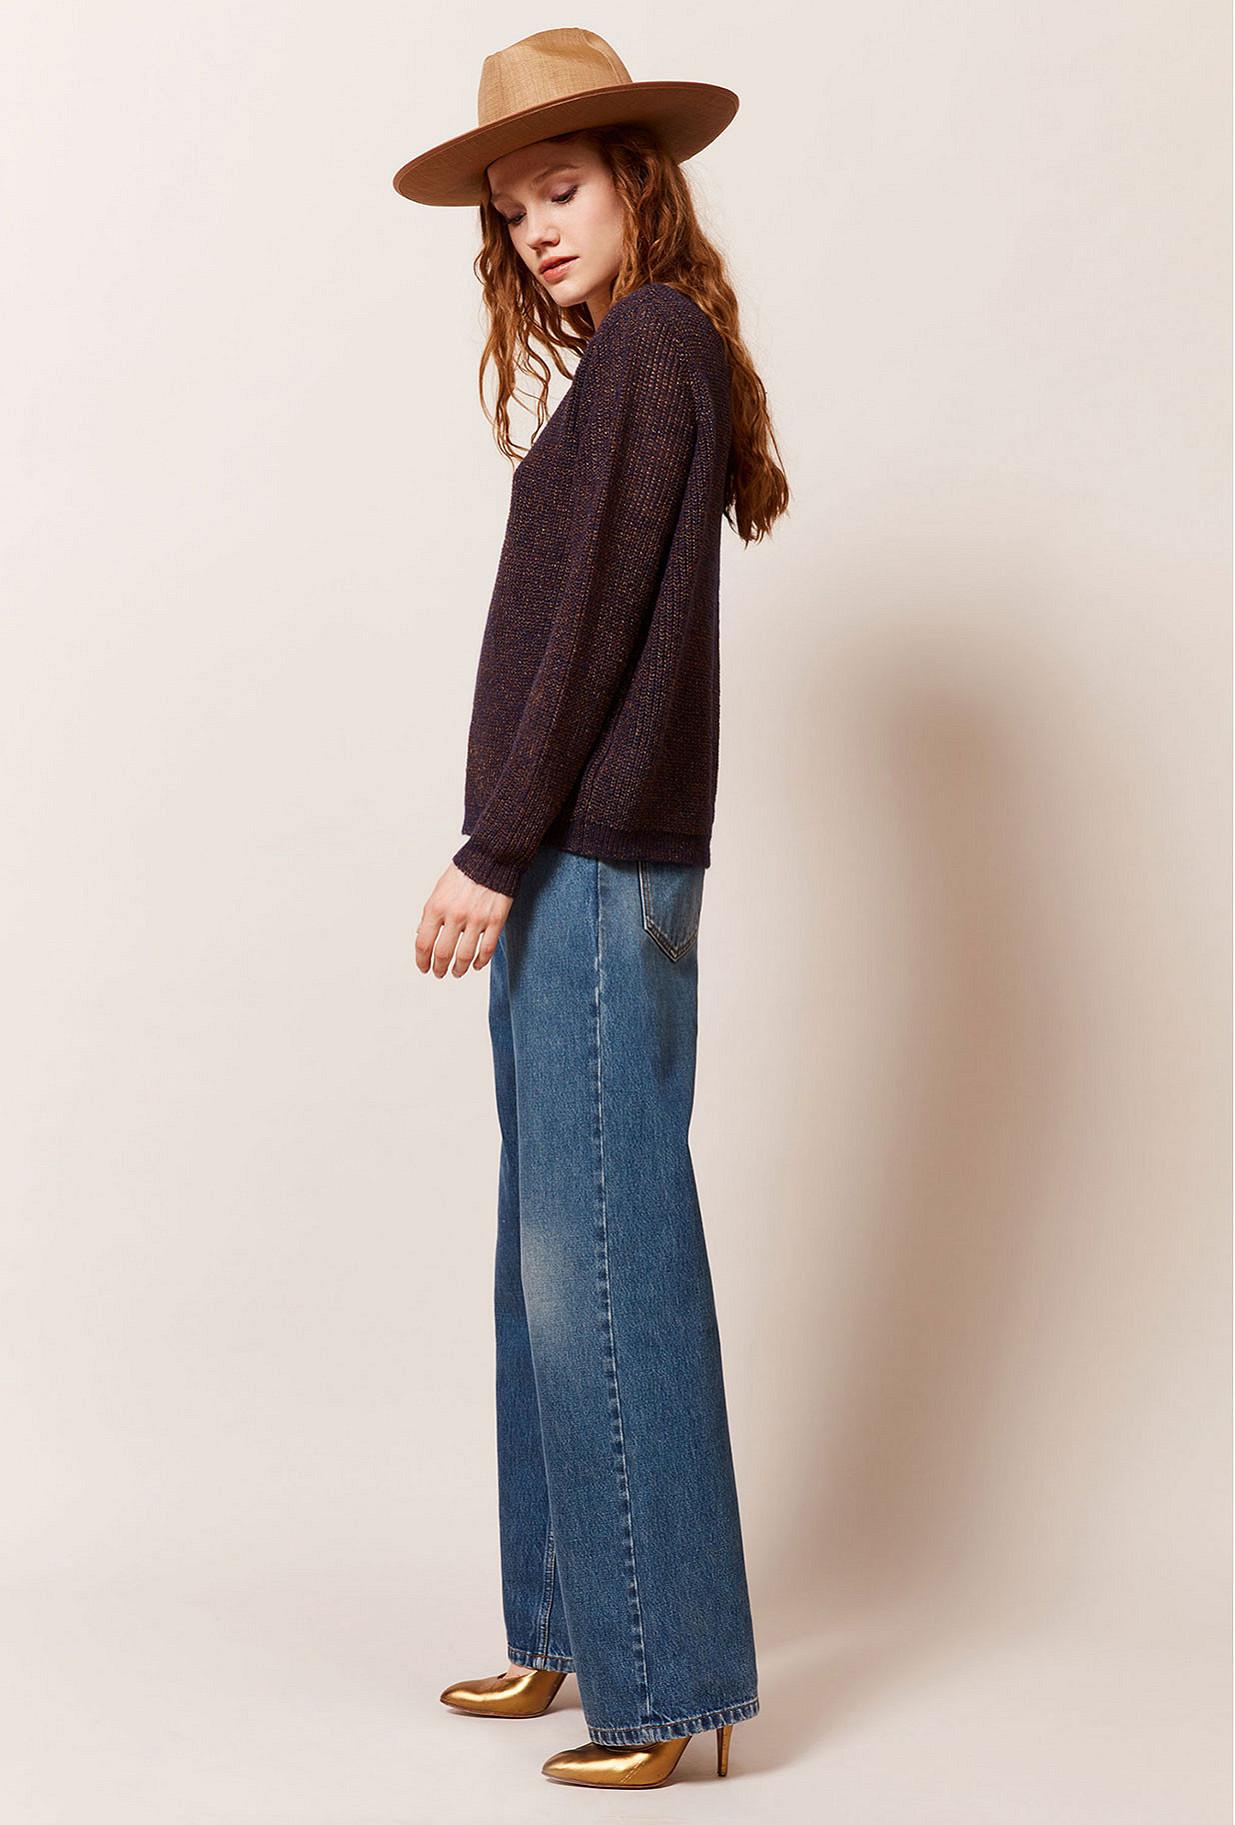 Paris boutique de mode vêtement Pull créateur bohème  Scorcese